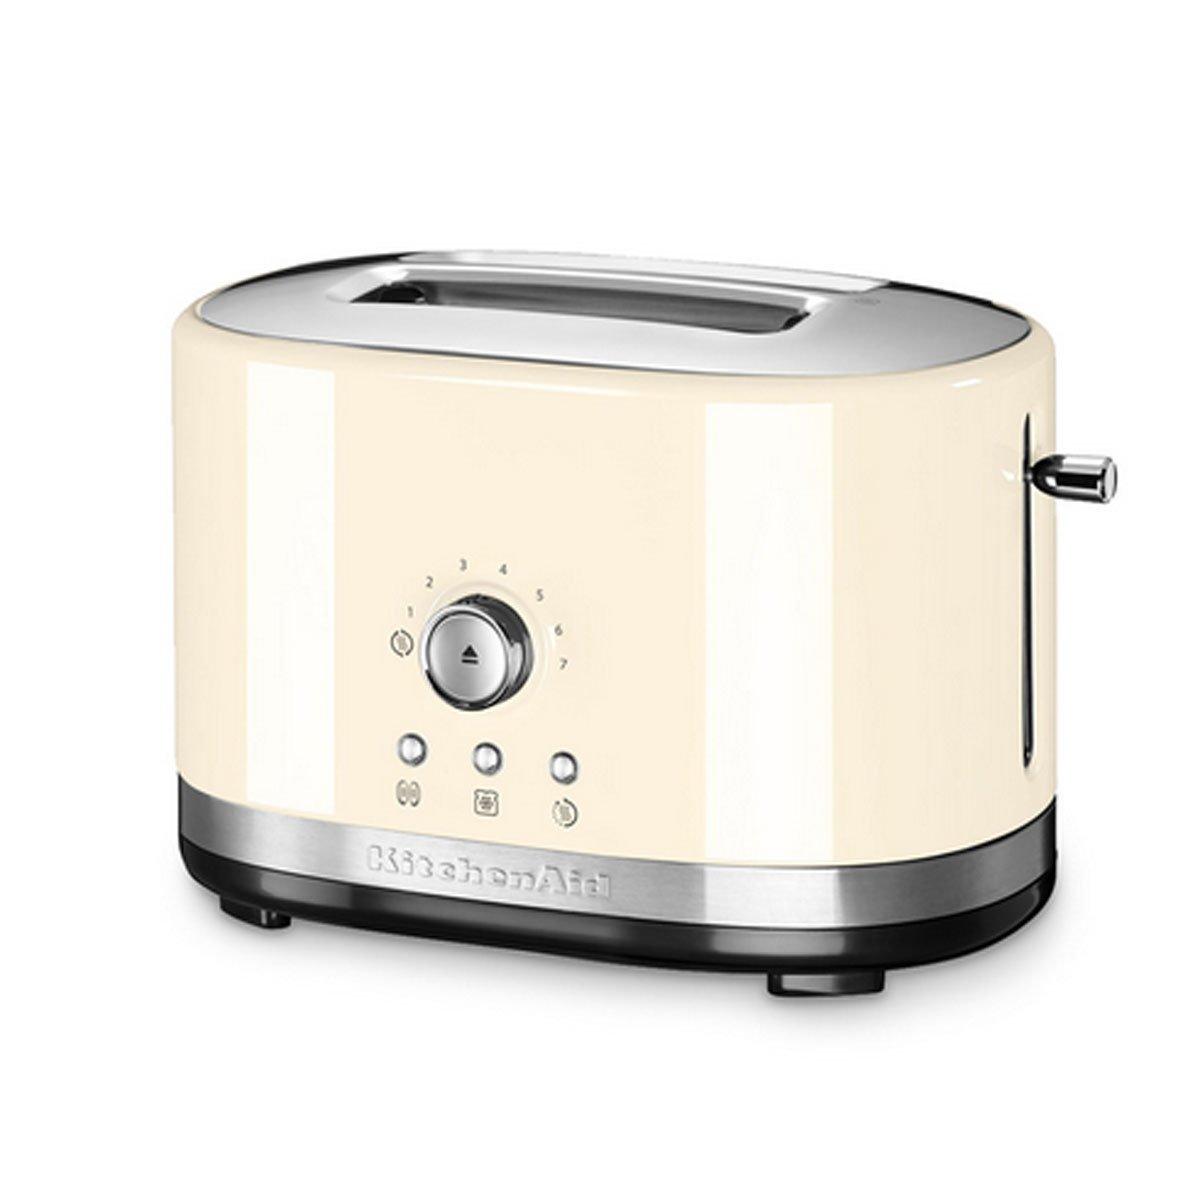 KitchenAid-Manueller-2-er-Toaster